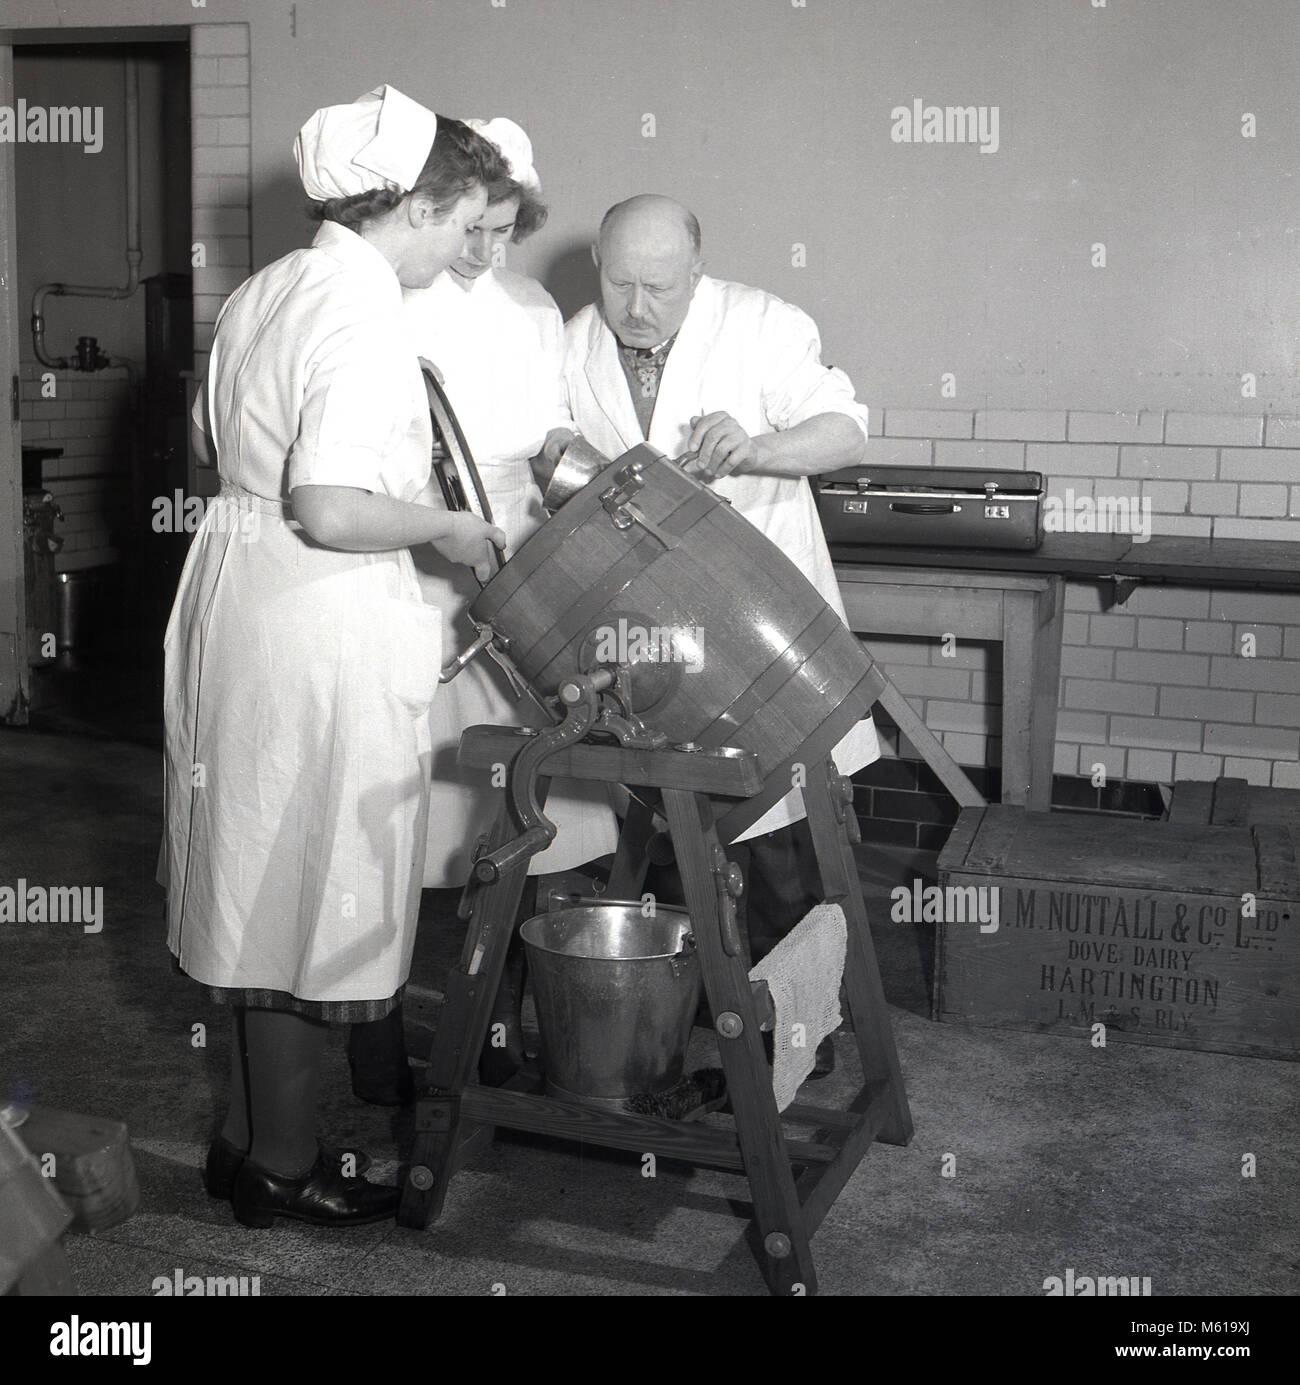 Années 1950, historiques, homme enseignant dans une usine laitière montrant deux femmes étudiant Photo Stock